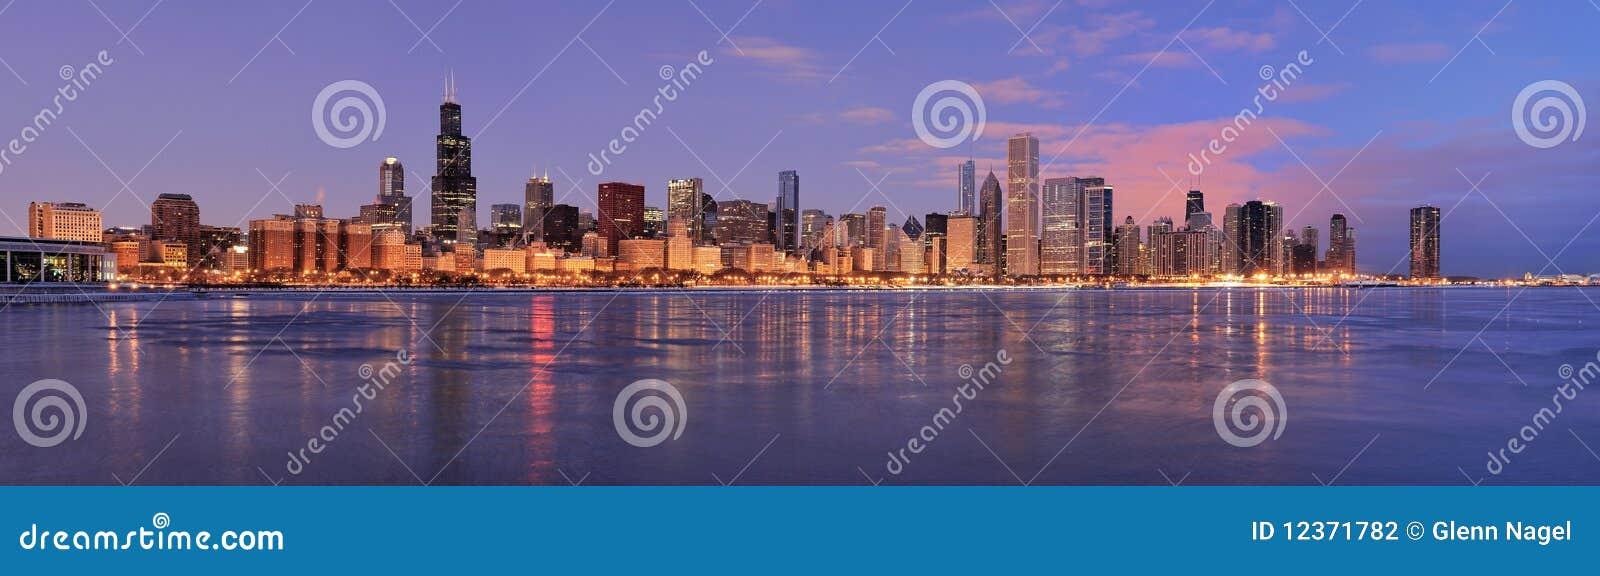 Horizonte De Chicago En El Amanecer Foto de archivo - Imagen de ...